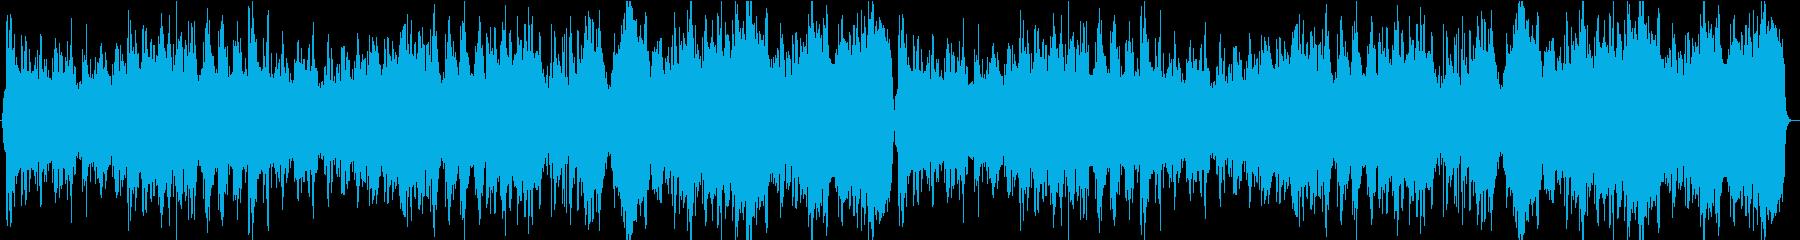 中華風の優雅なBGM ドラム無しの再生済みの波形